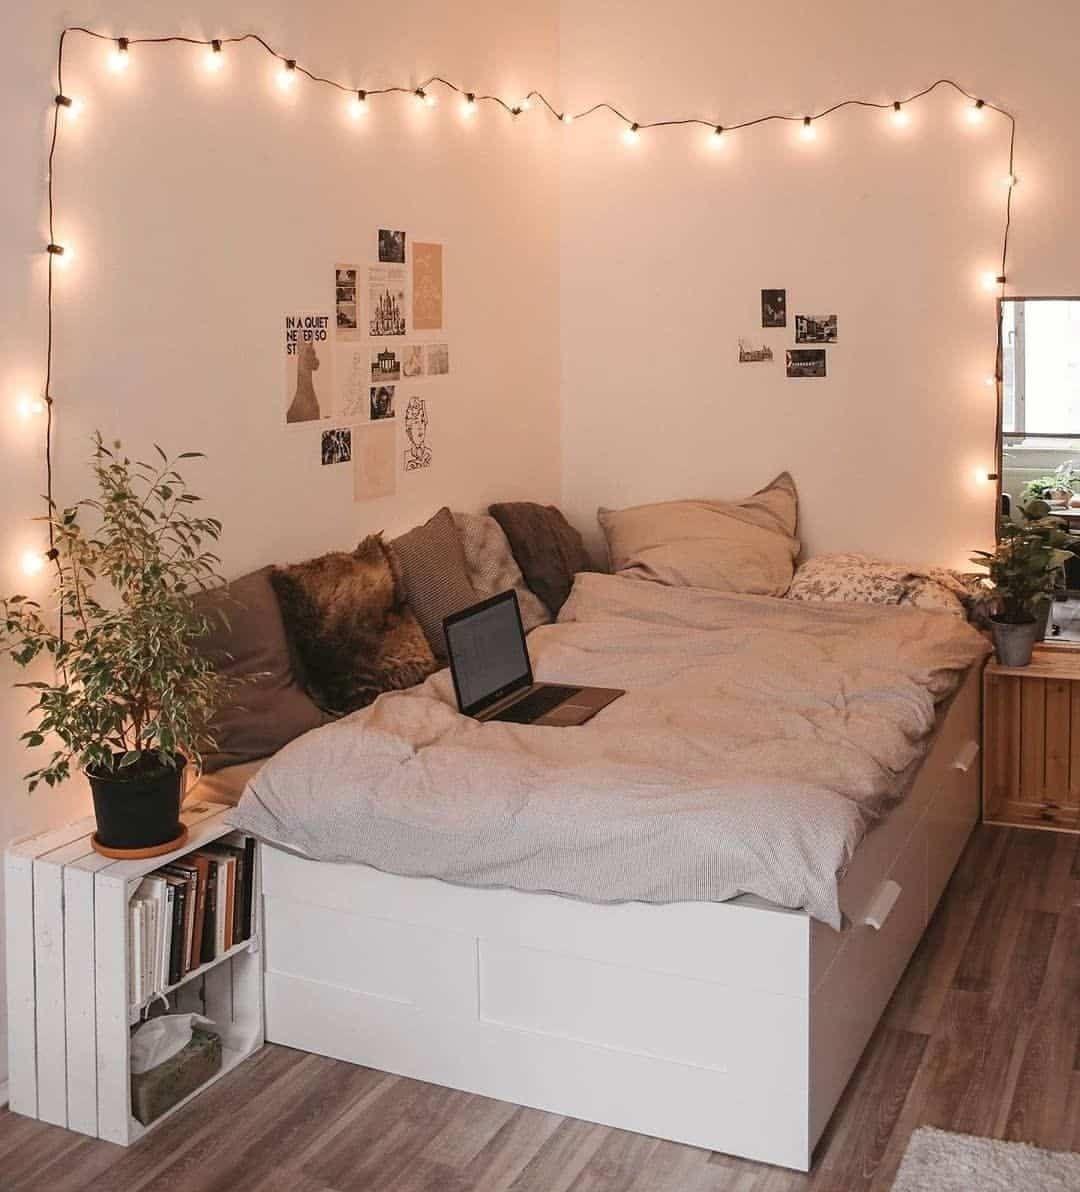 Bedroom Idea - 302374631171169176 #bedroom